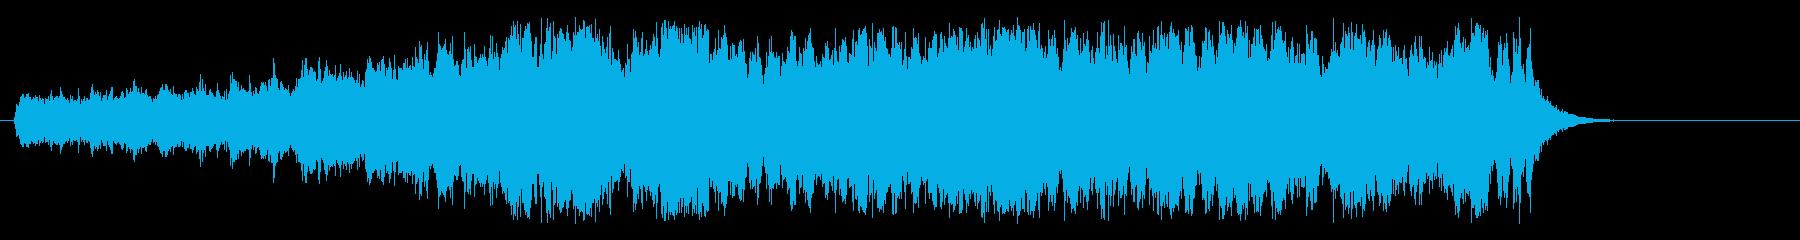 広がりのあるシンフォニックテーマの再生済みの波形